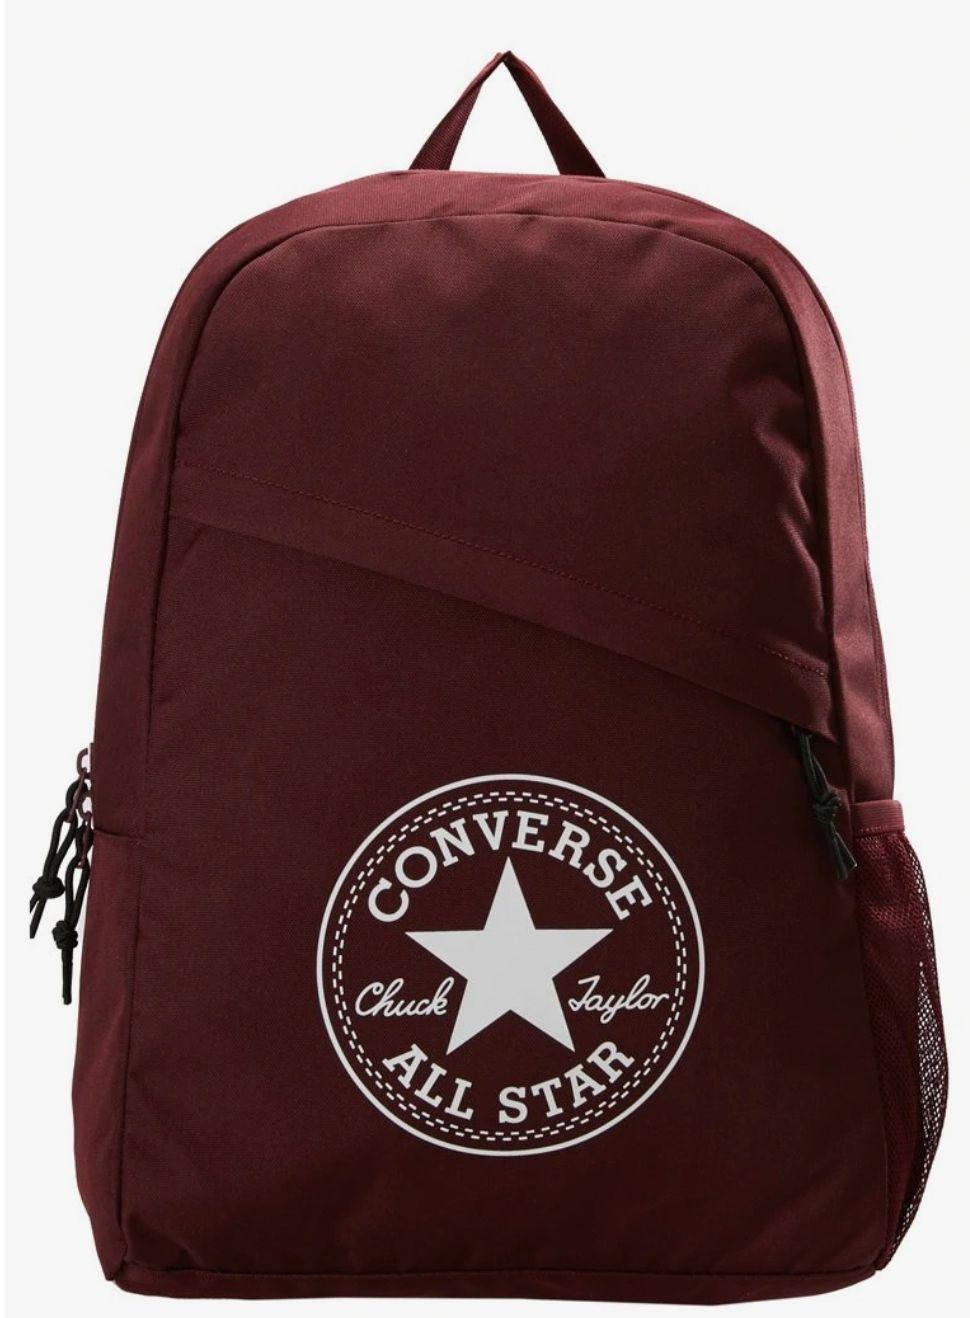 Recopilación de mochilas Converse